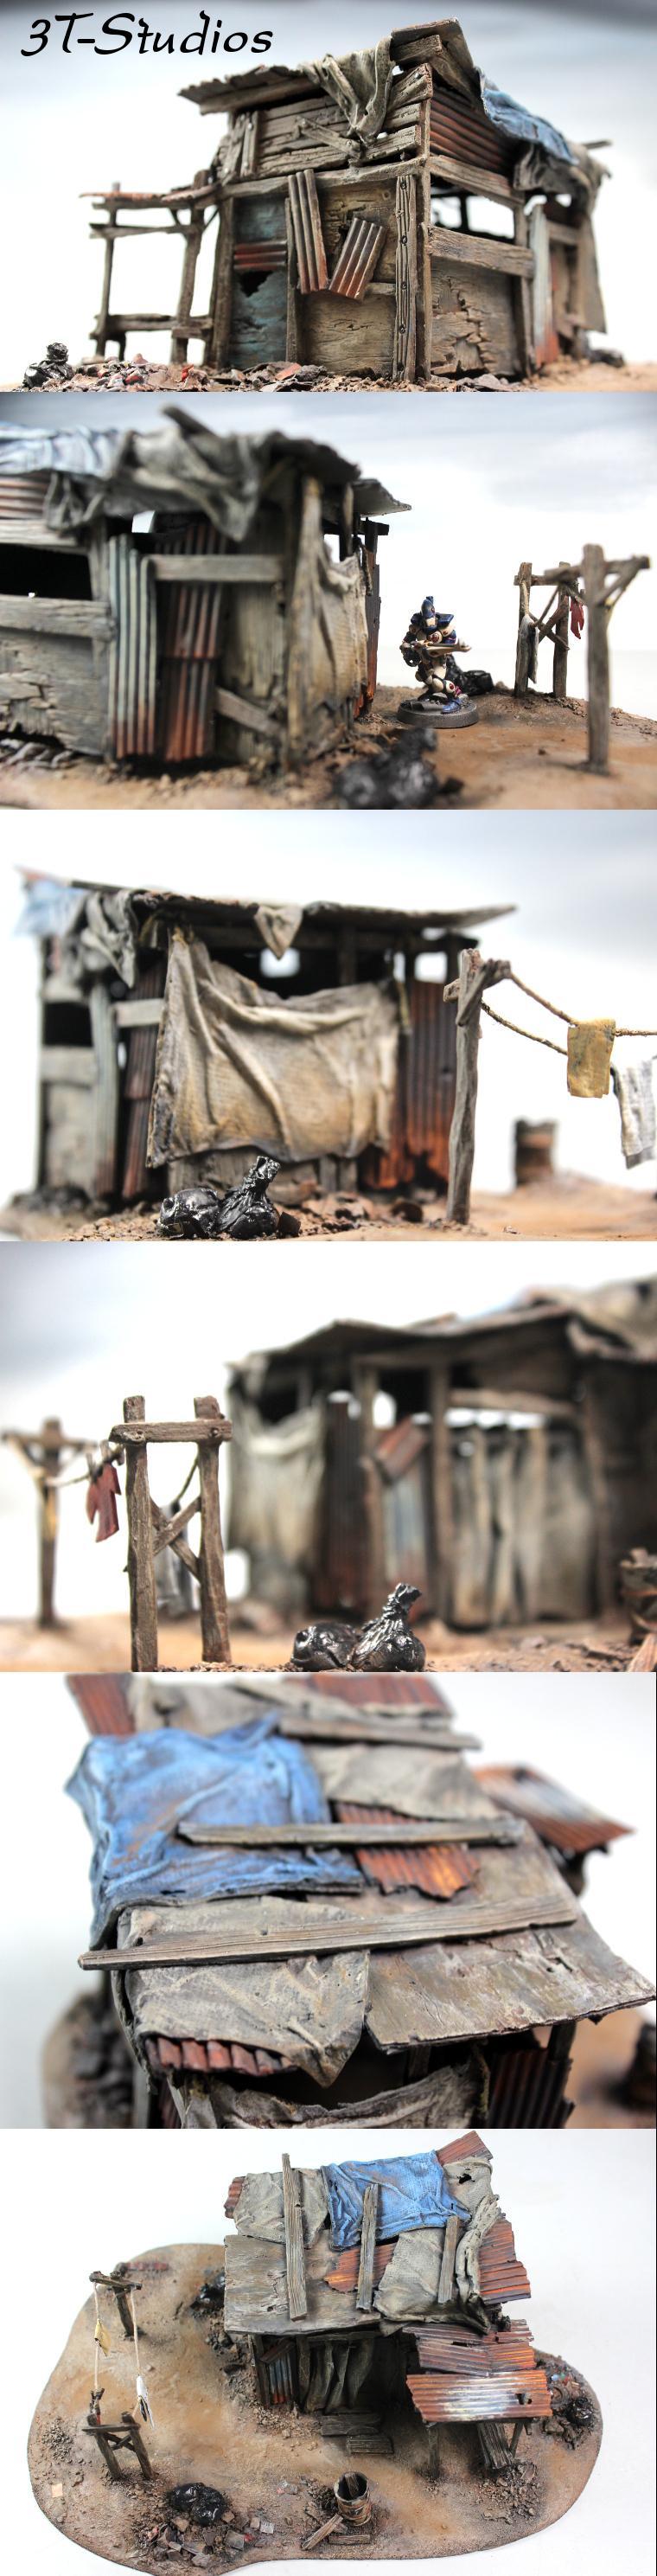 Poor, Post Apocalypse, Rustic, Shack, Shanty, Slums, Terrain, Urban